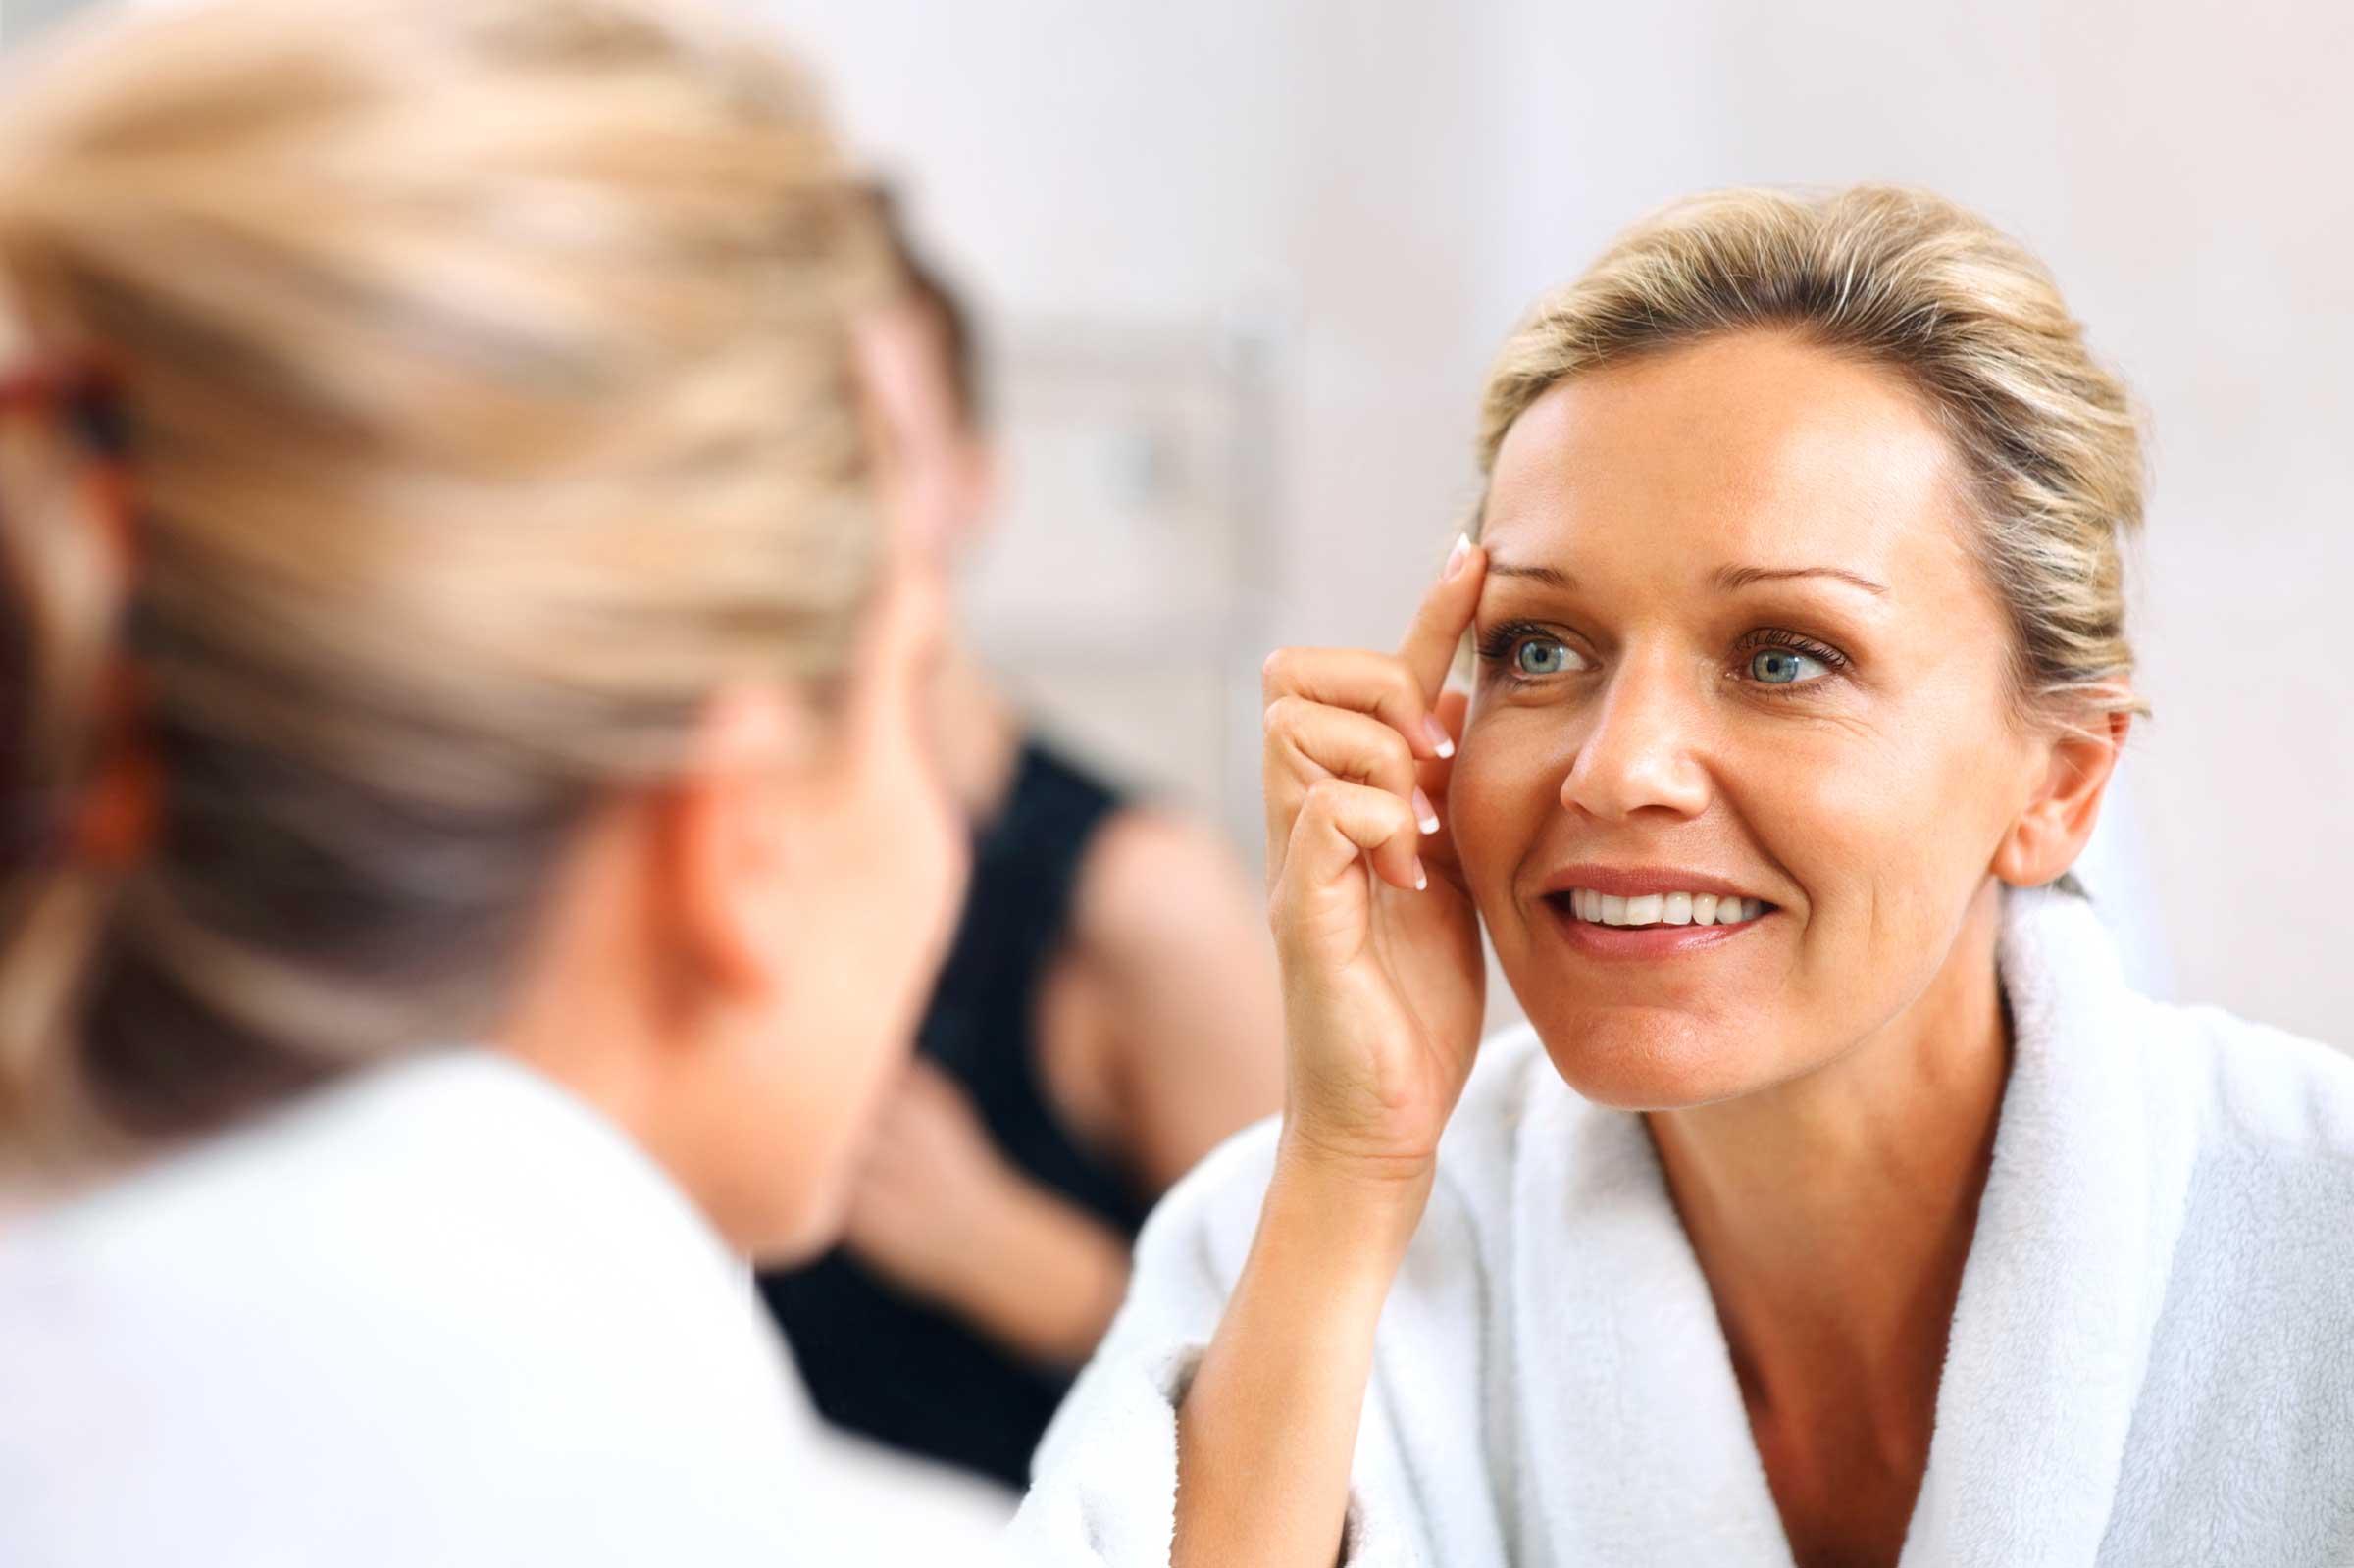 Как ухаживать за кожей лица в 40 лет?